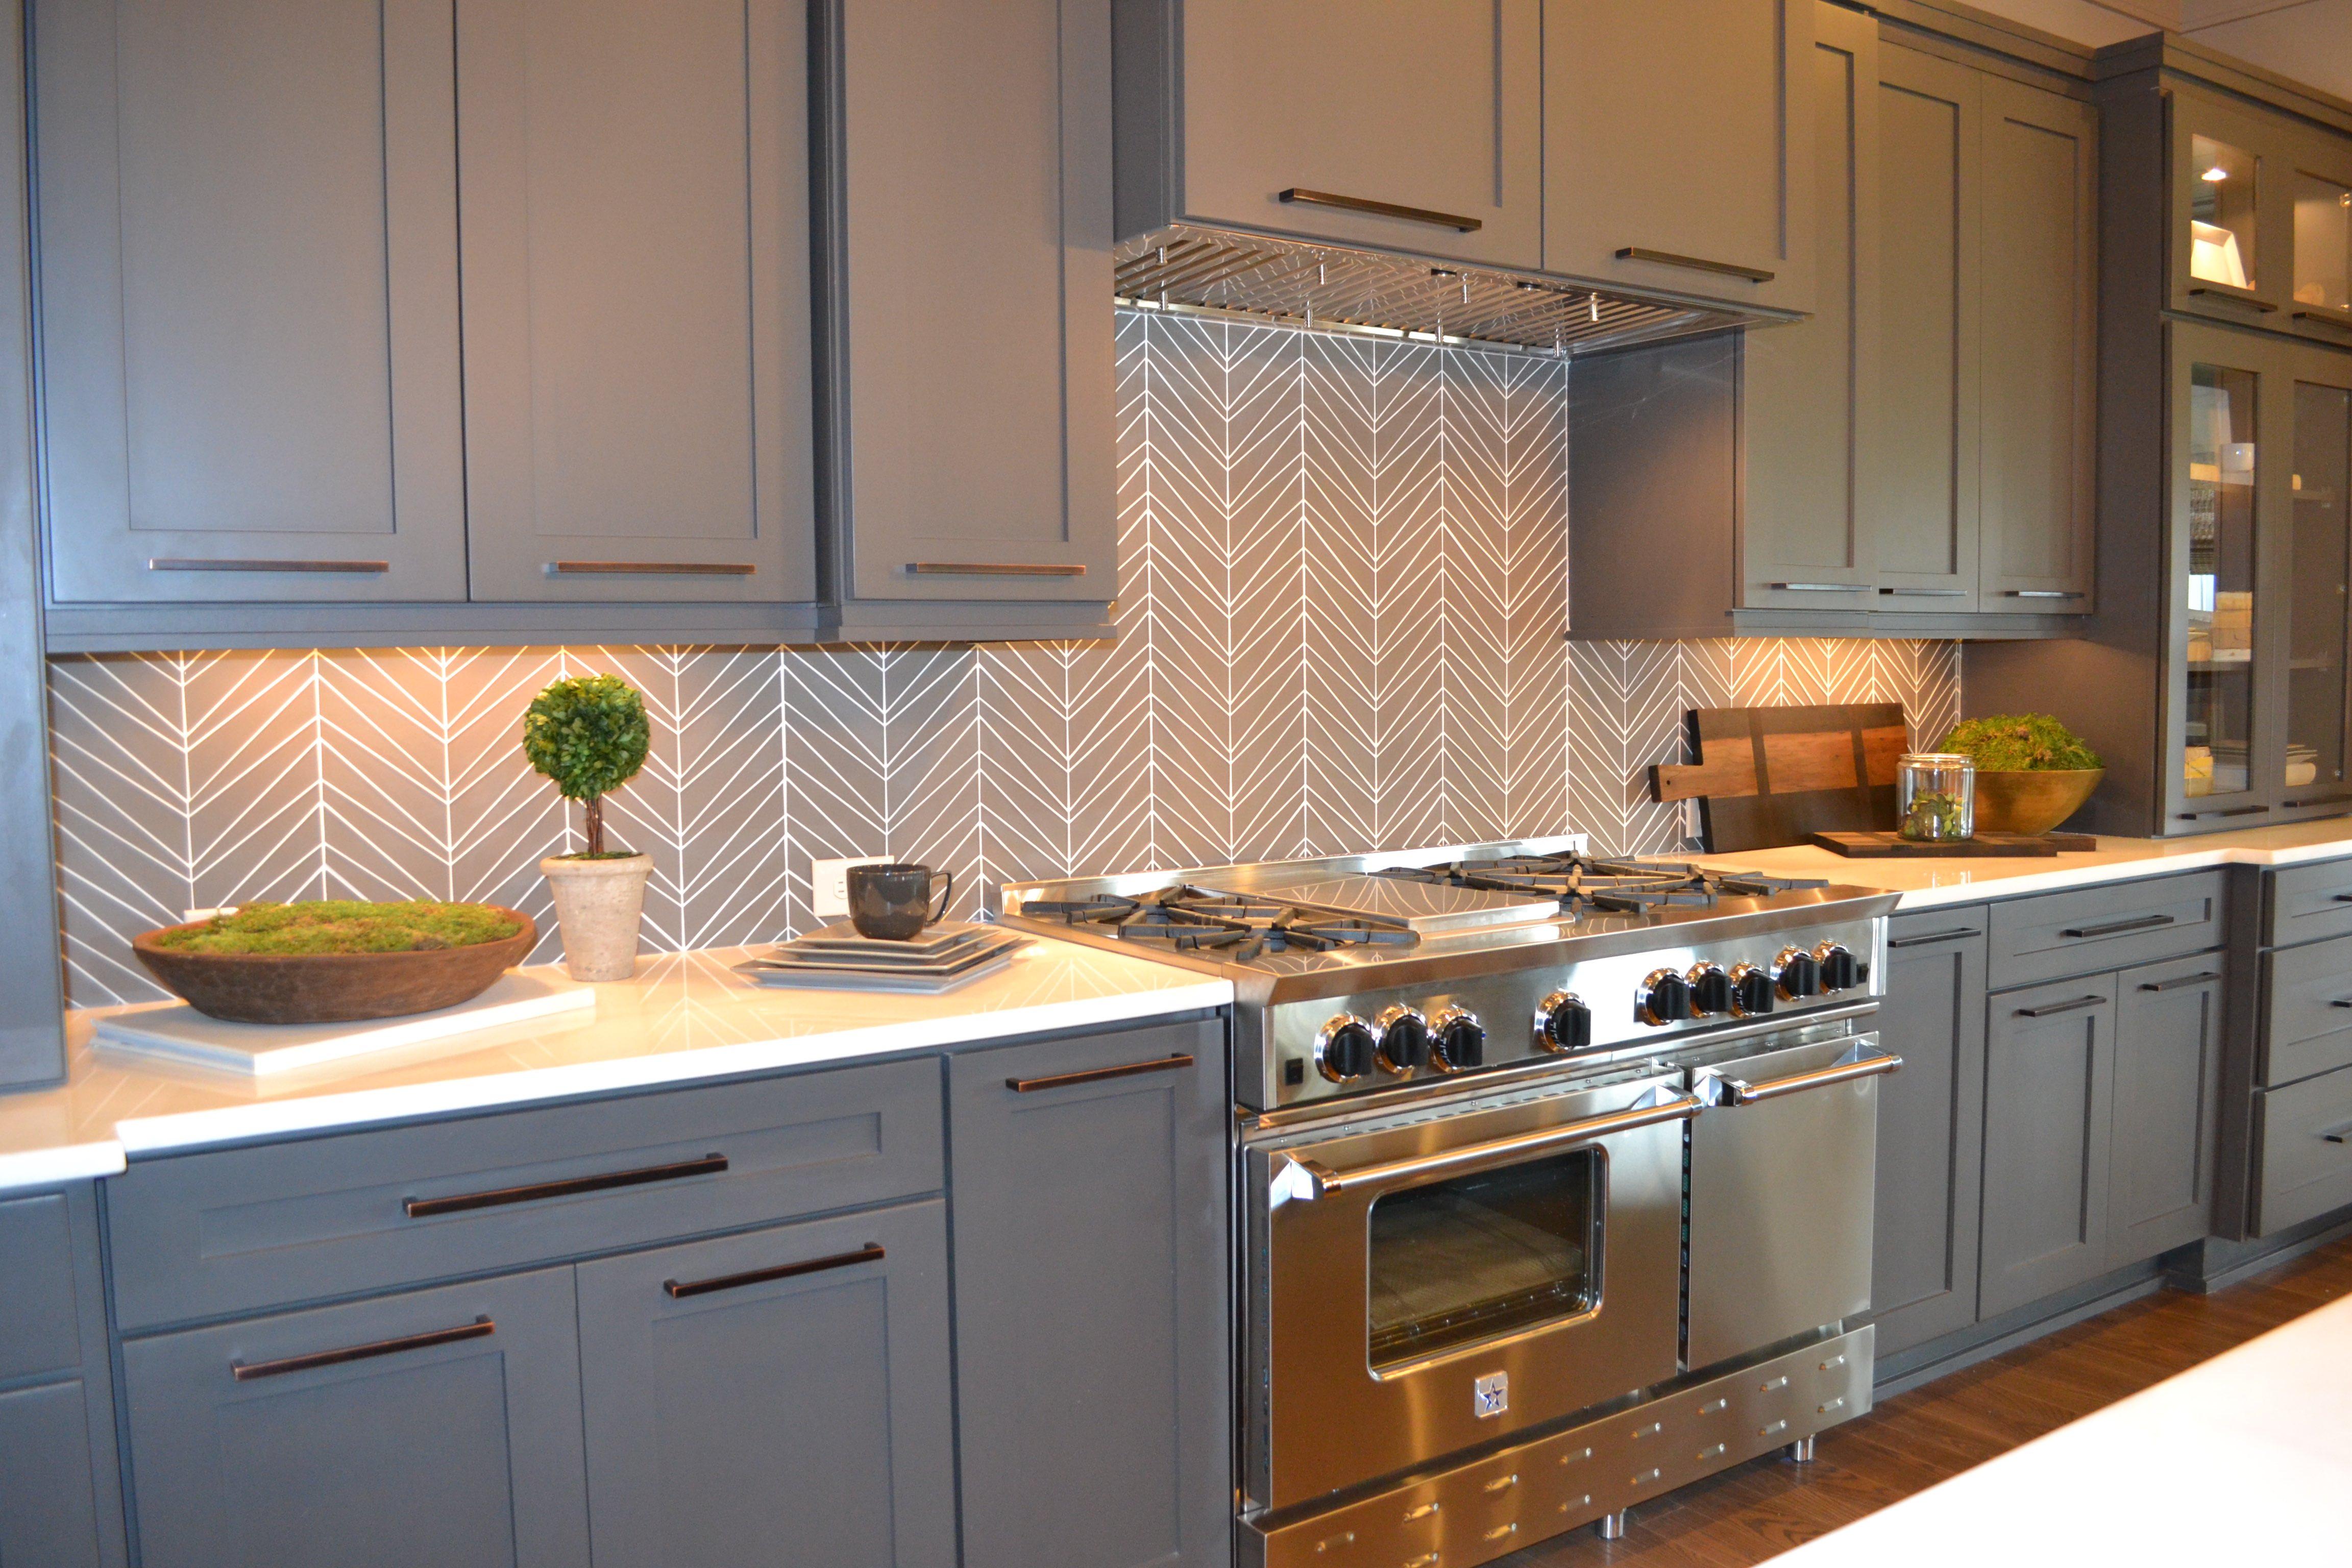 BG11 Smoke Glass Tile